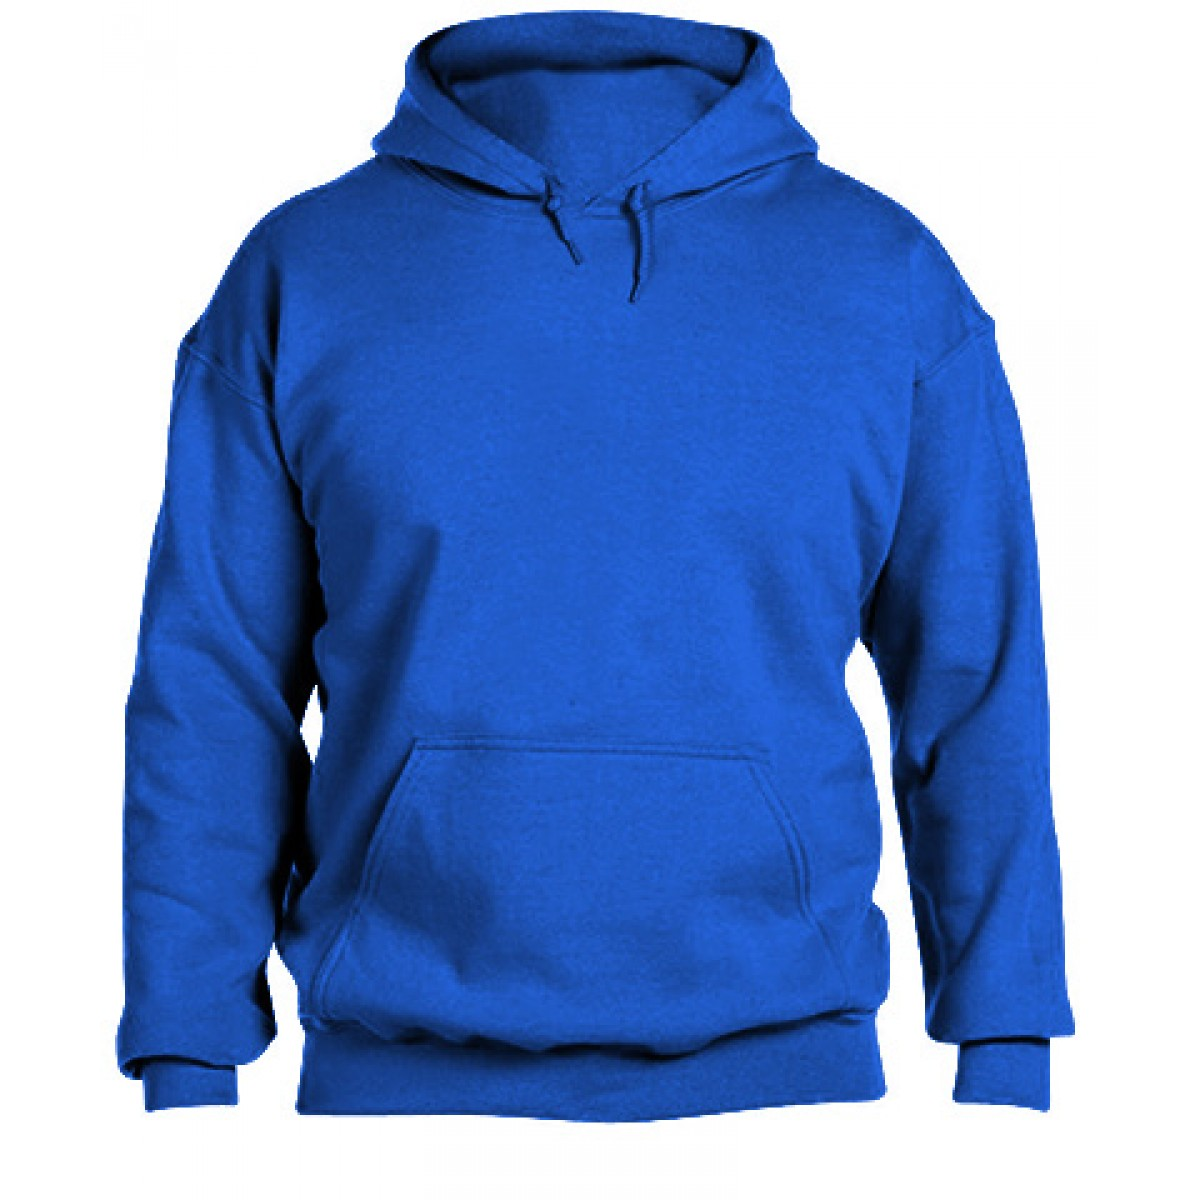 Hooded Sweatshirt 50/50 Heavy Blend-L